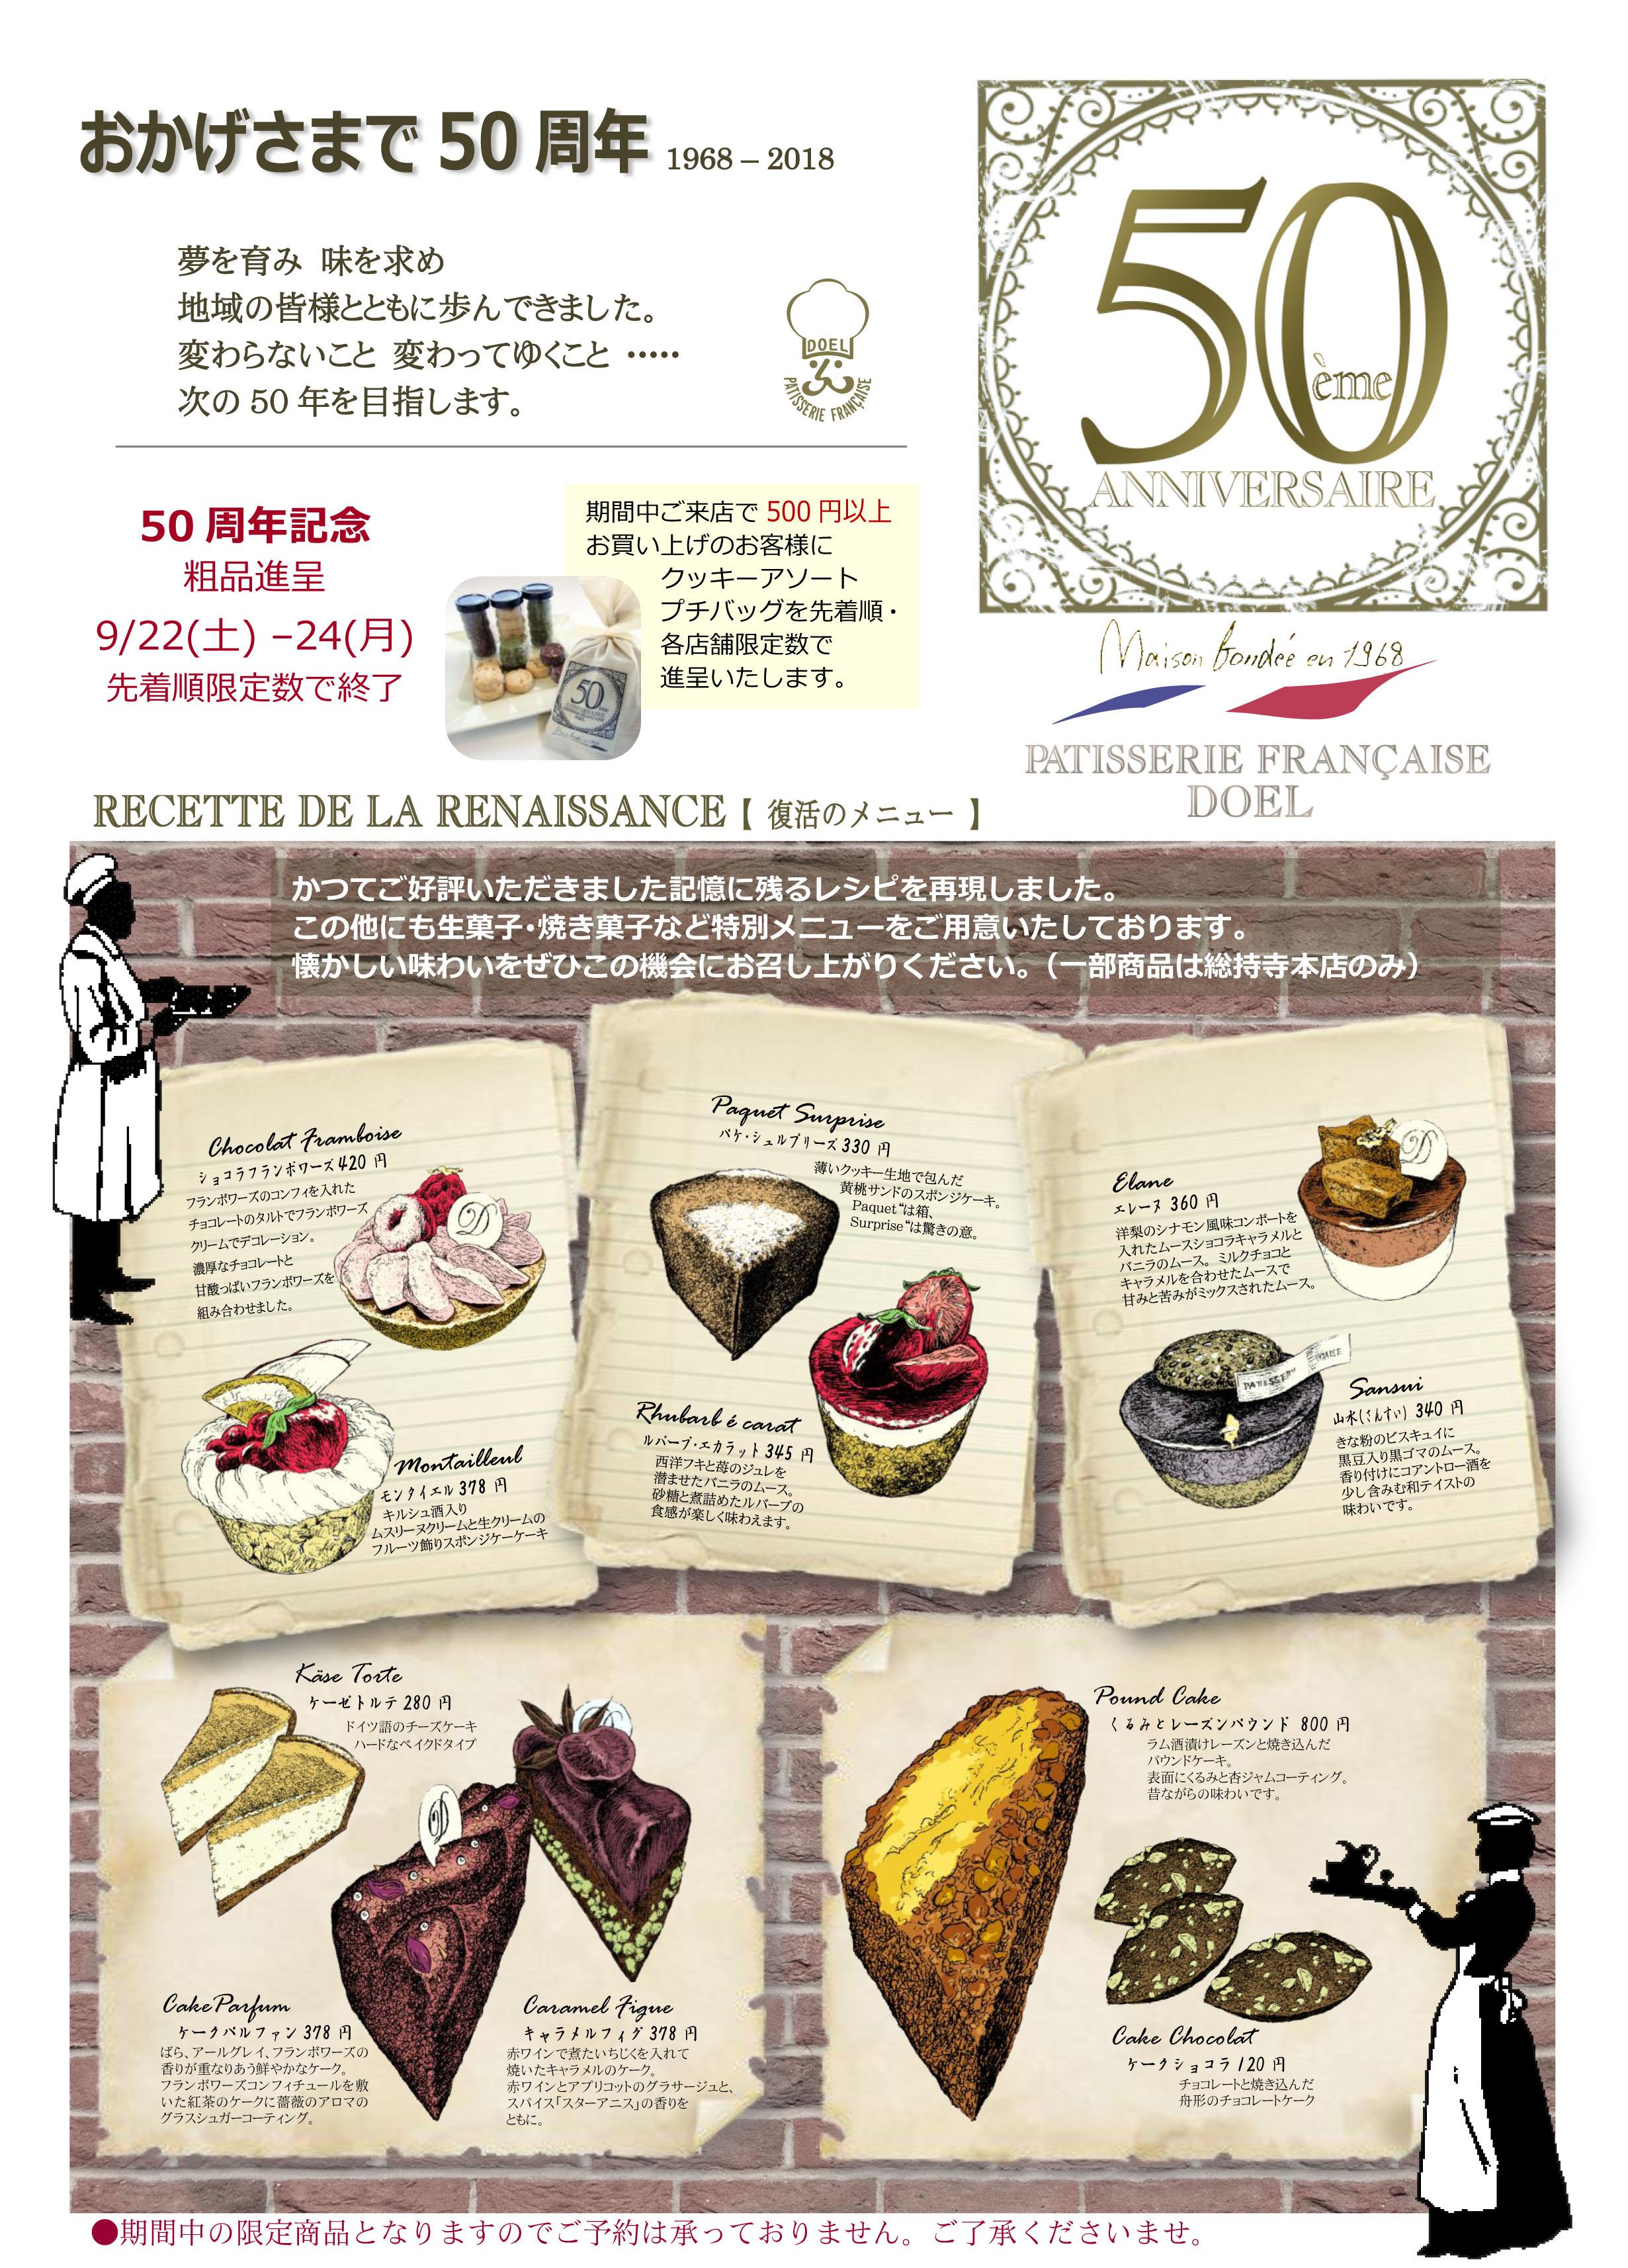 50周年ポスター2